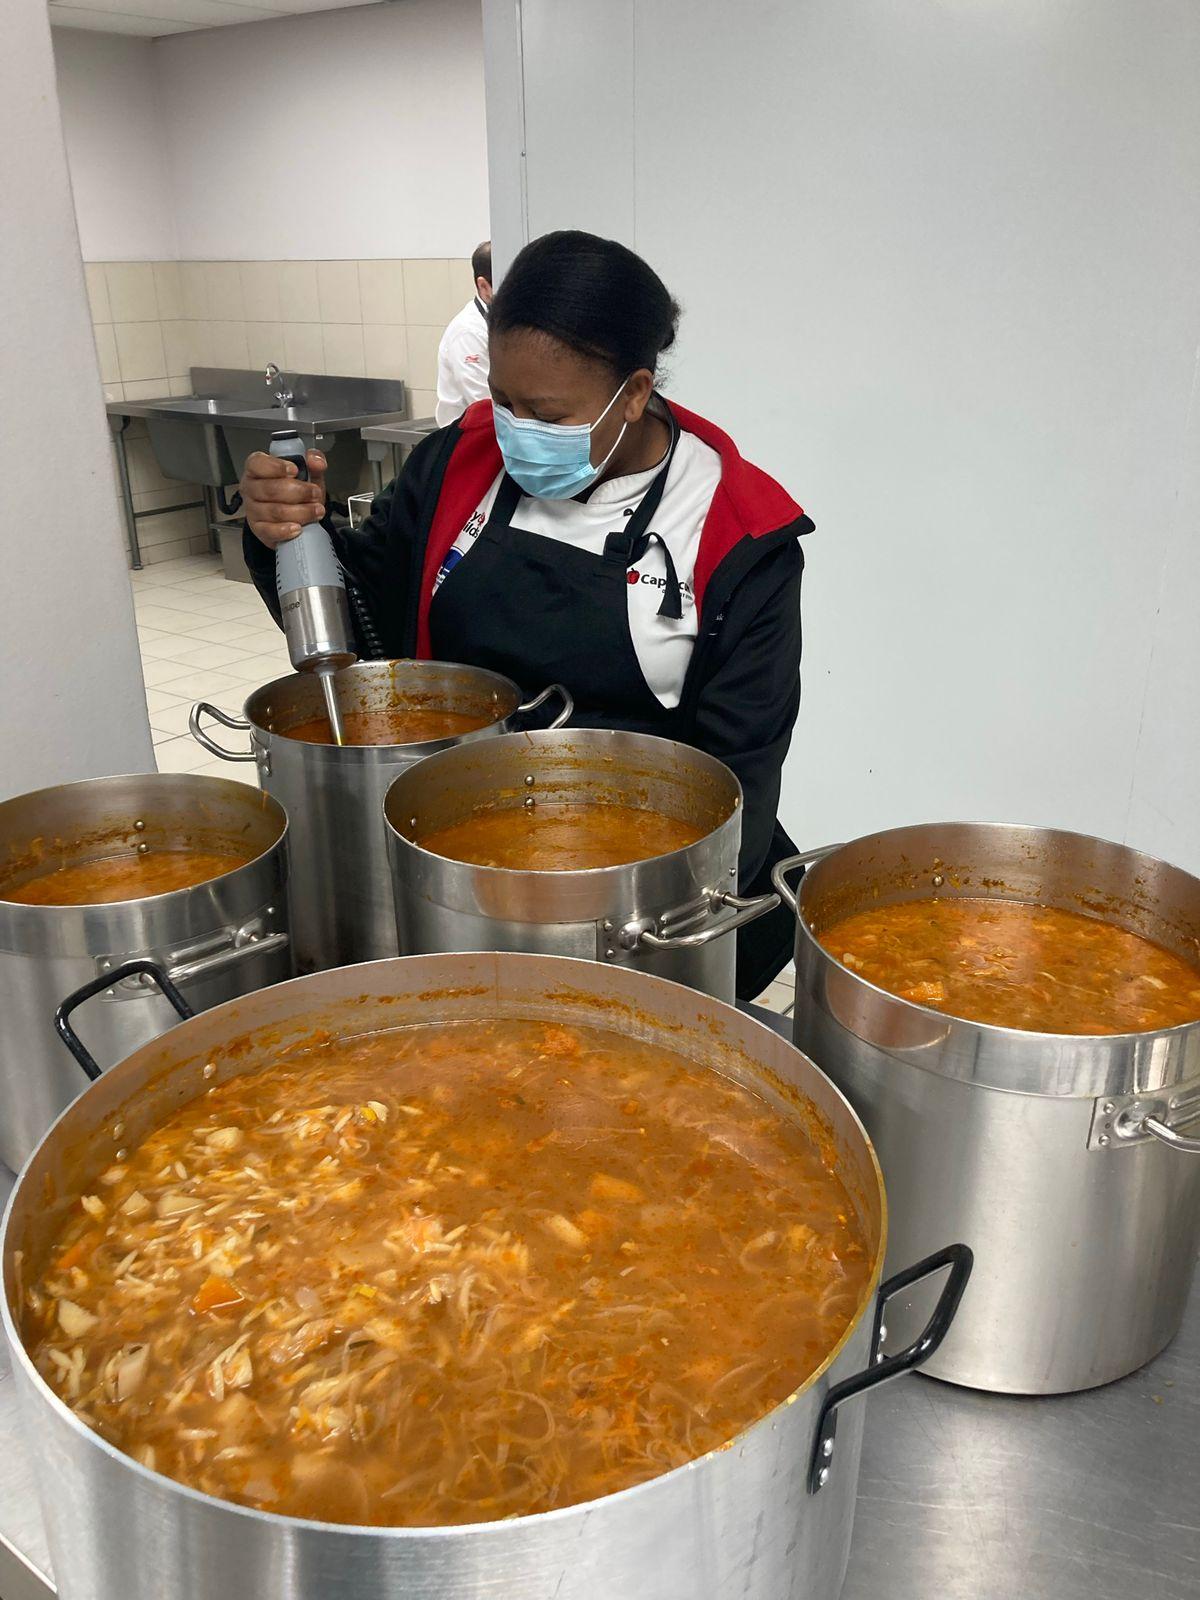 Capsicum Chef preparing soup for Mandela Day